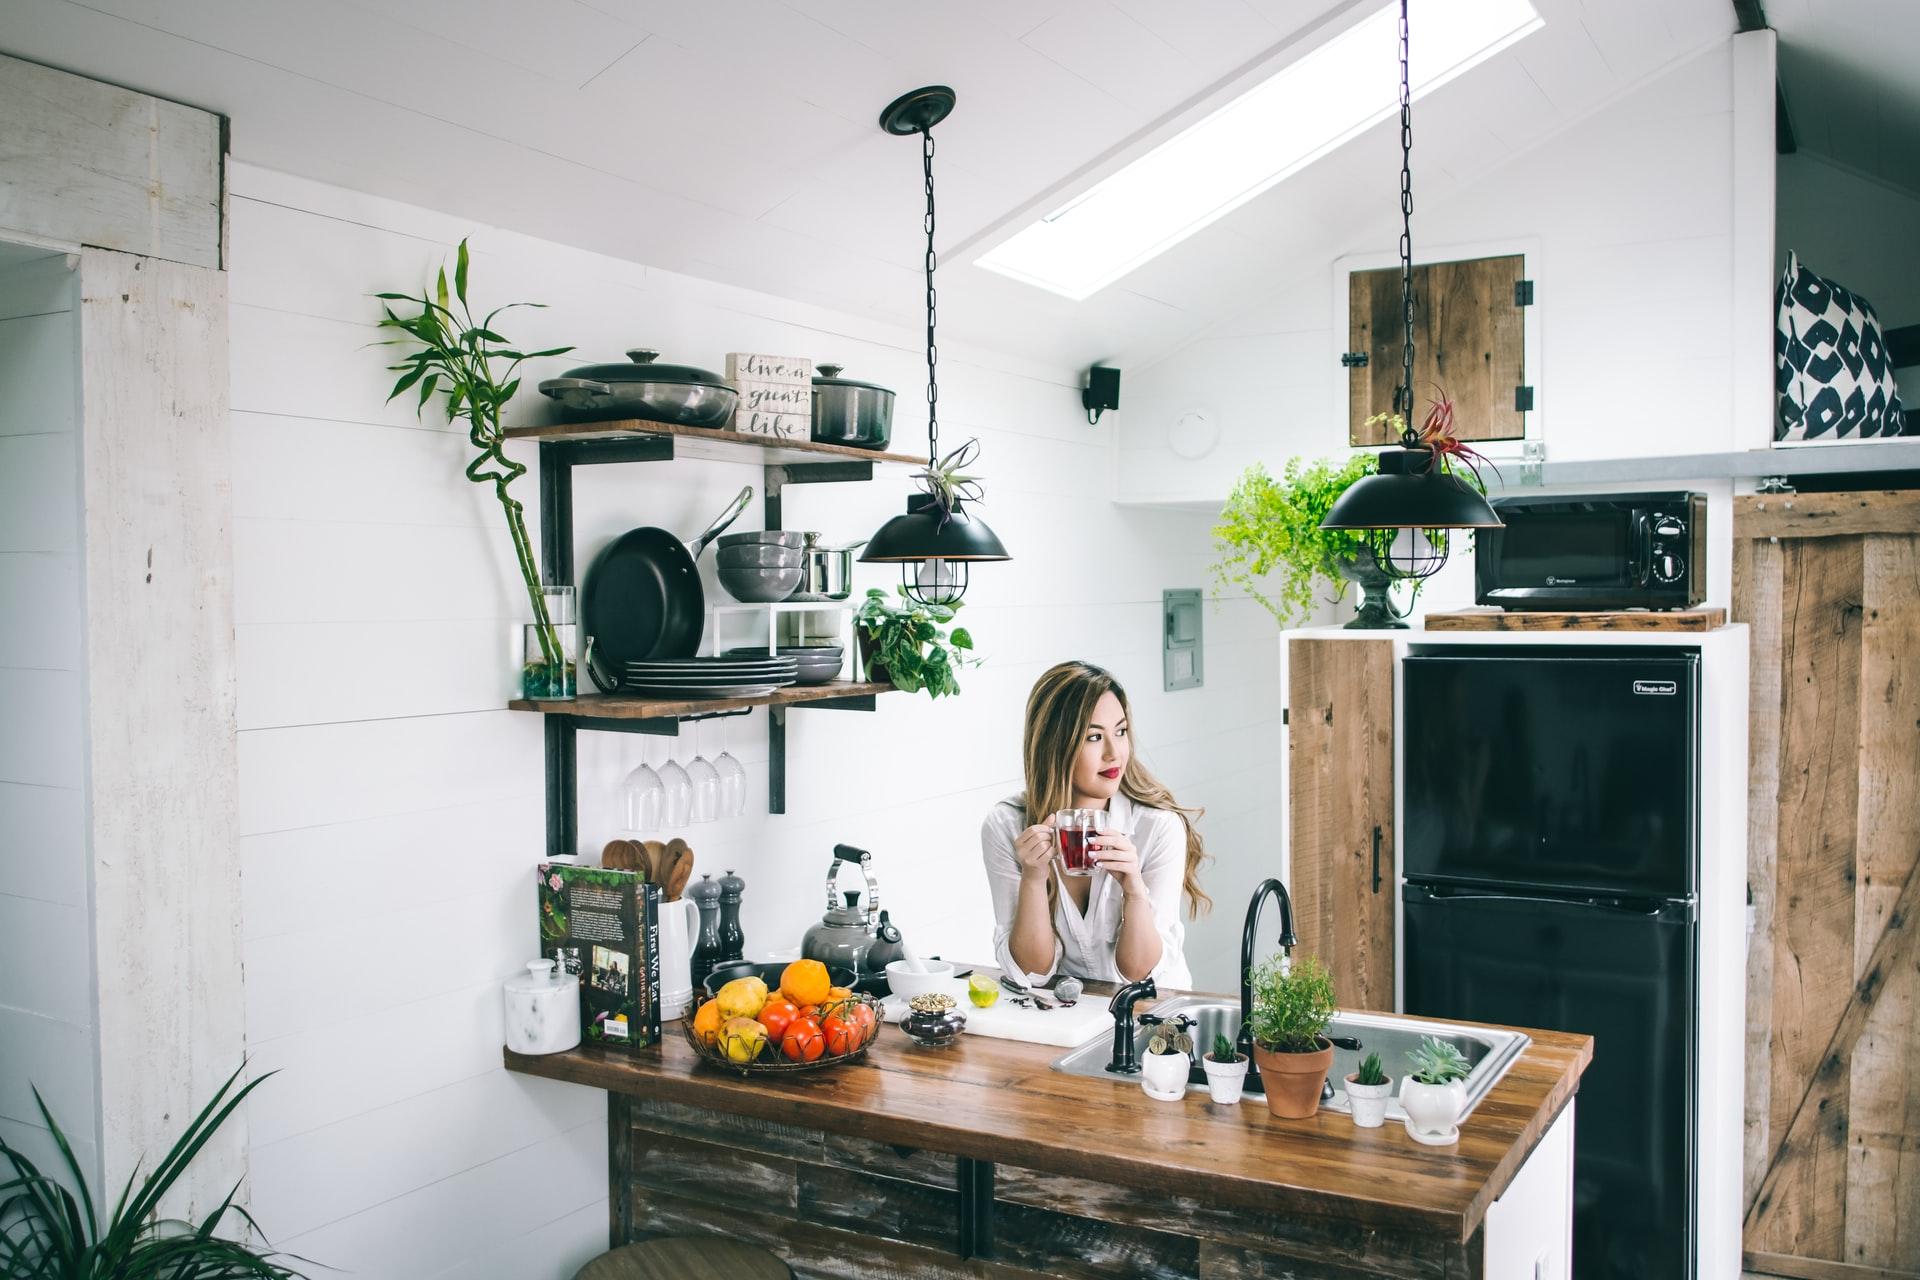 Decorar a cozinha com plantas